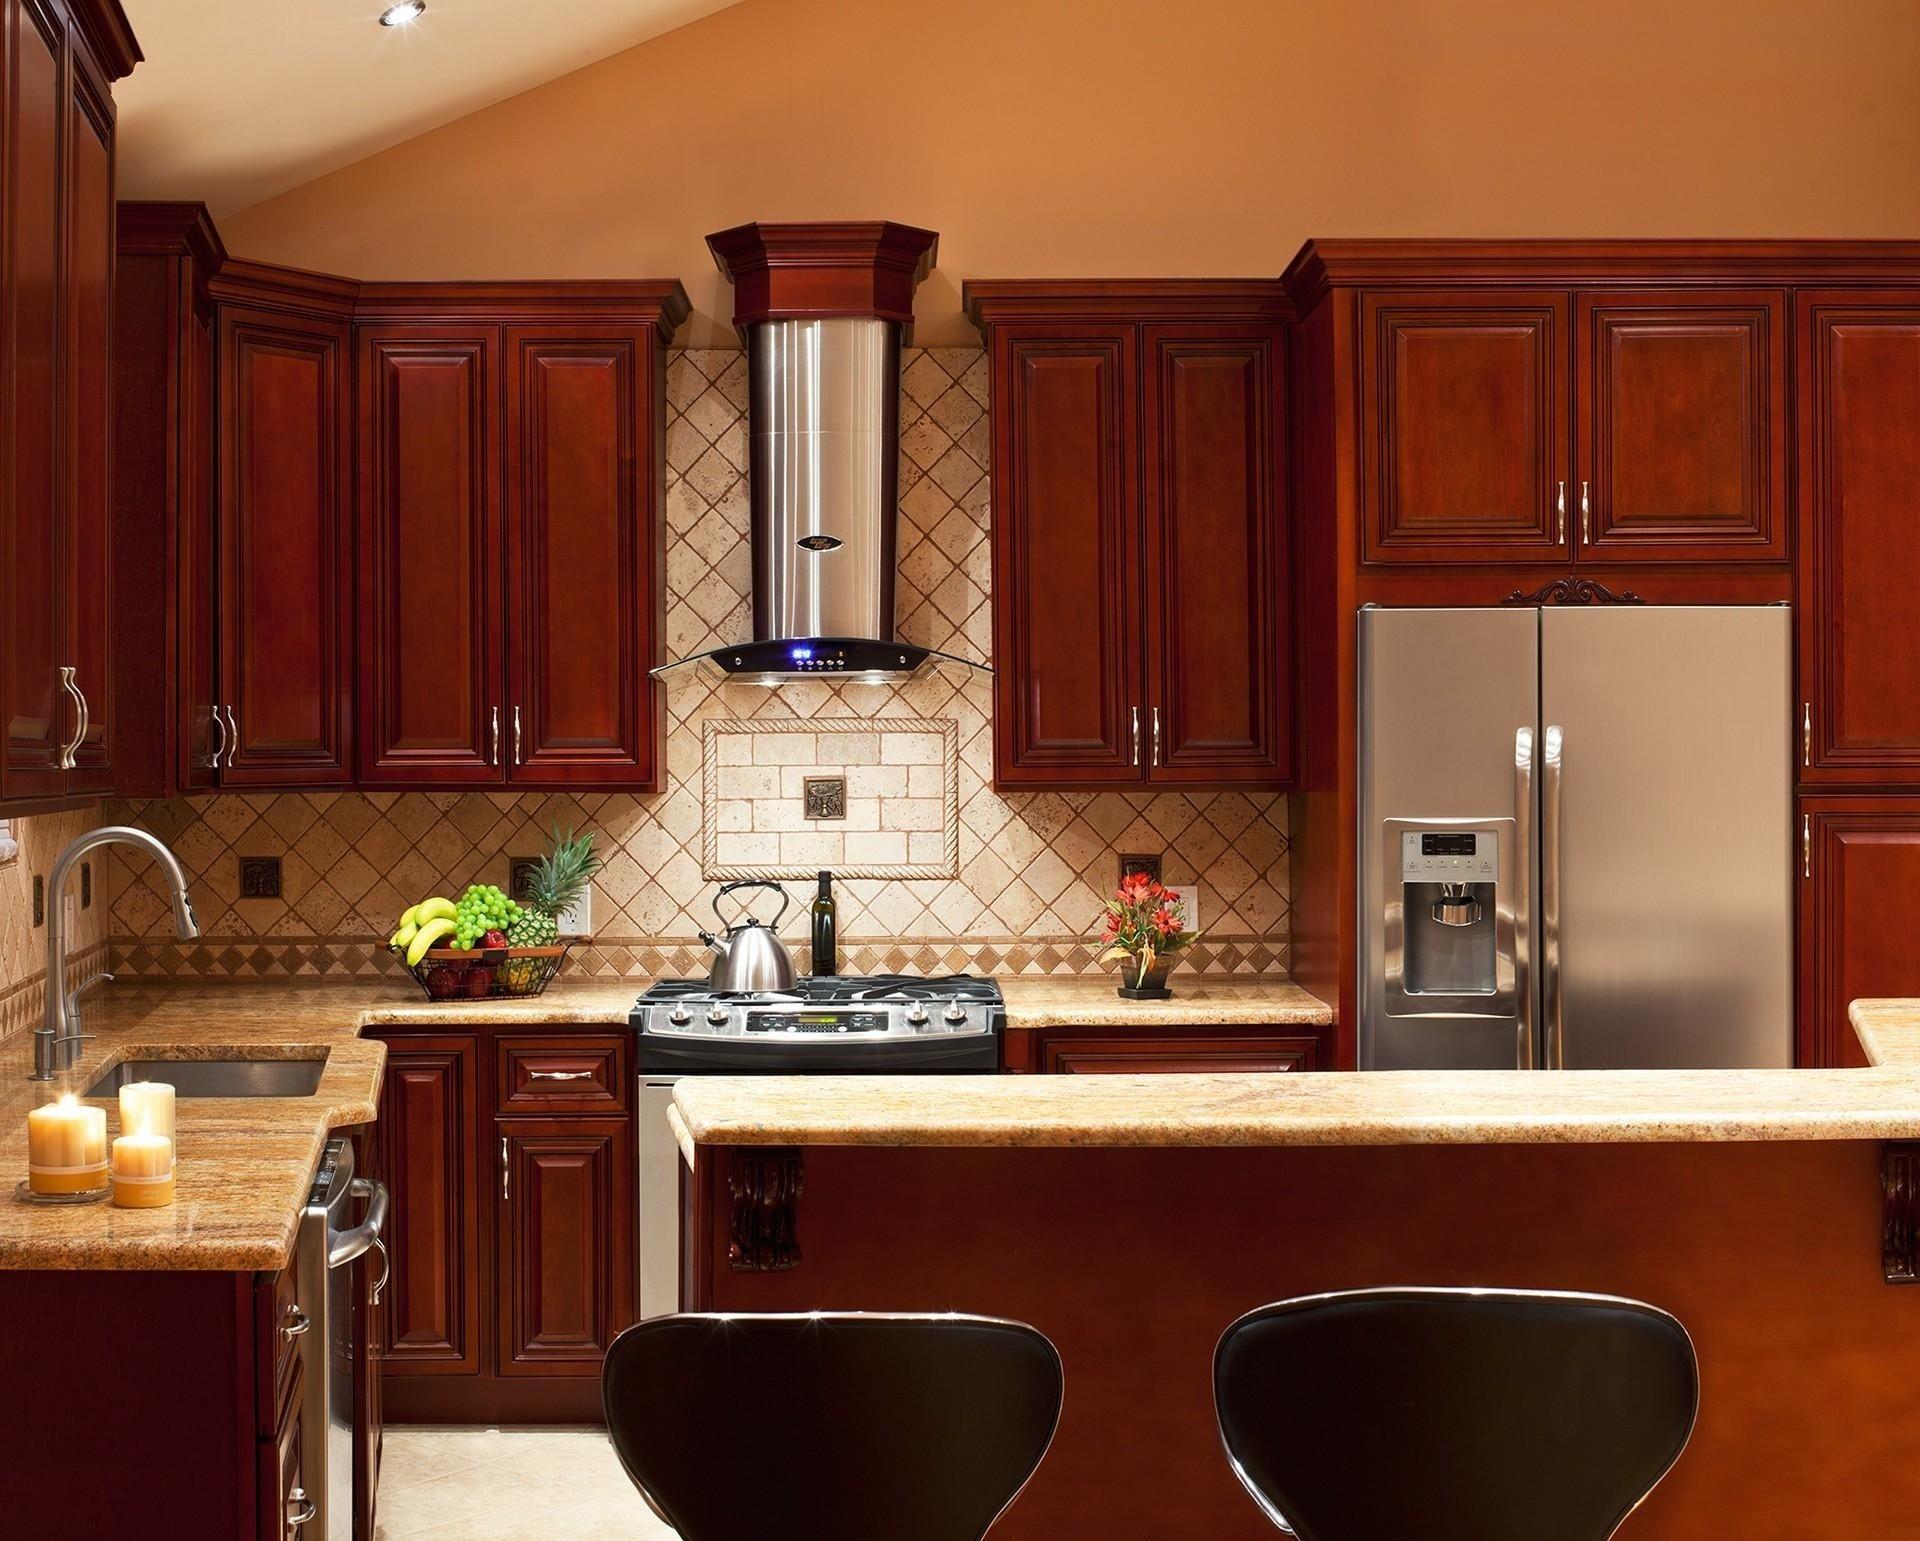 10 Attractive Backsplash Ideas For Cherry Cabinets kitchen backsplash photos attractive kitchen backsplash ideas dark 2020